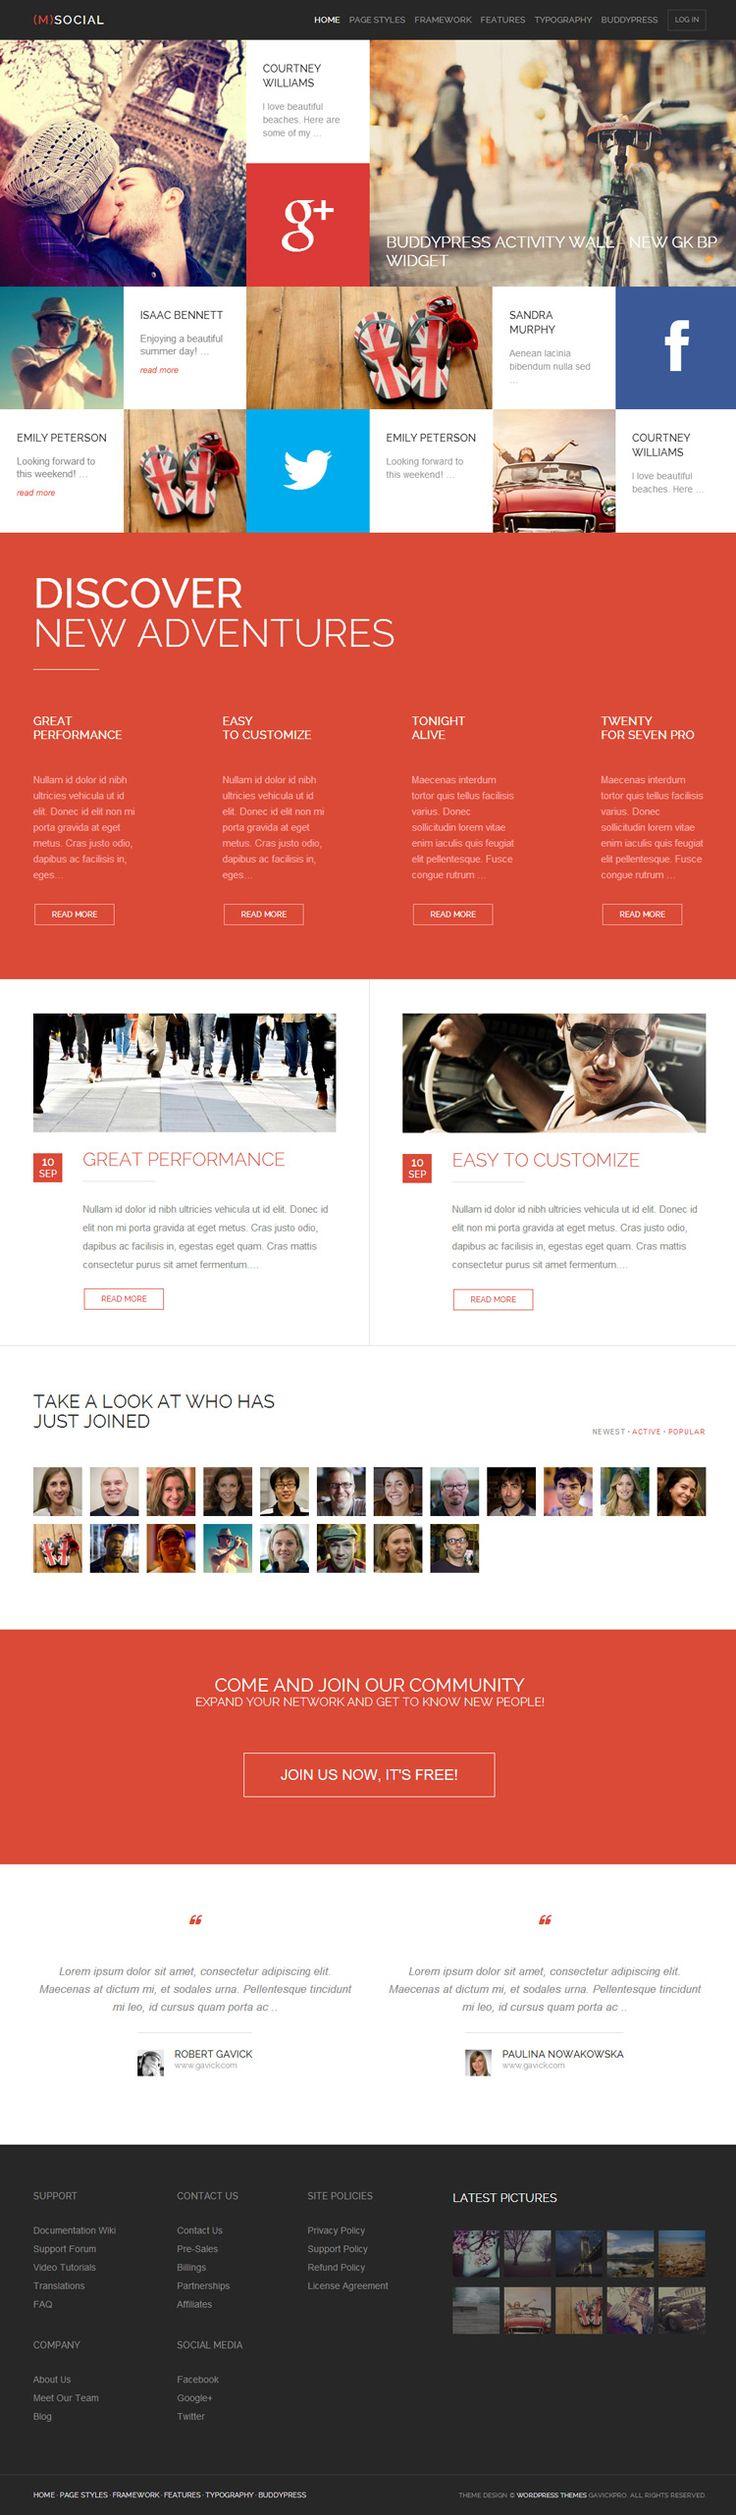 Un web ideal per una empresa amb serveis de social media. #enterprise #cards #tecnodart